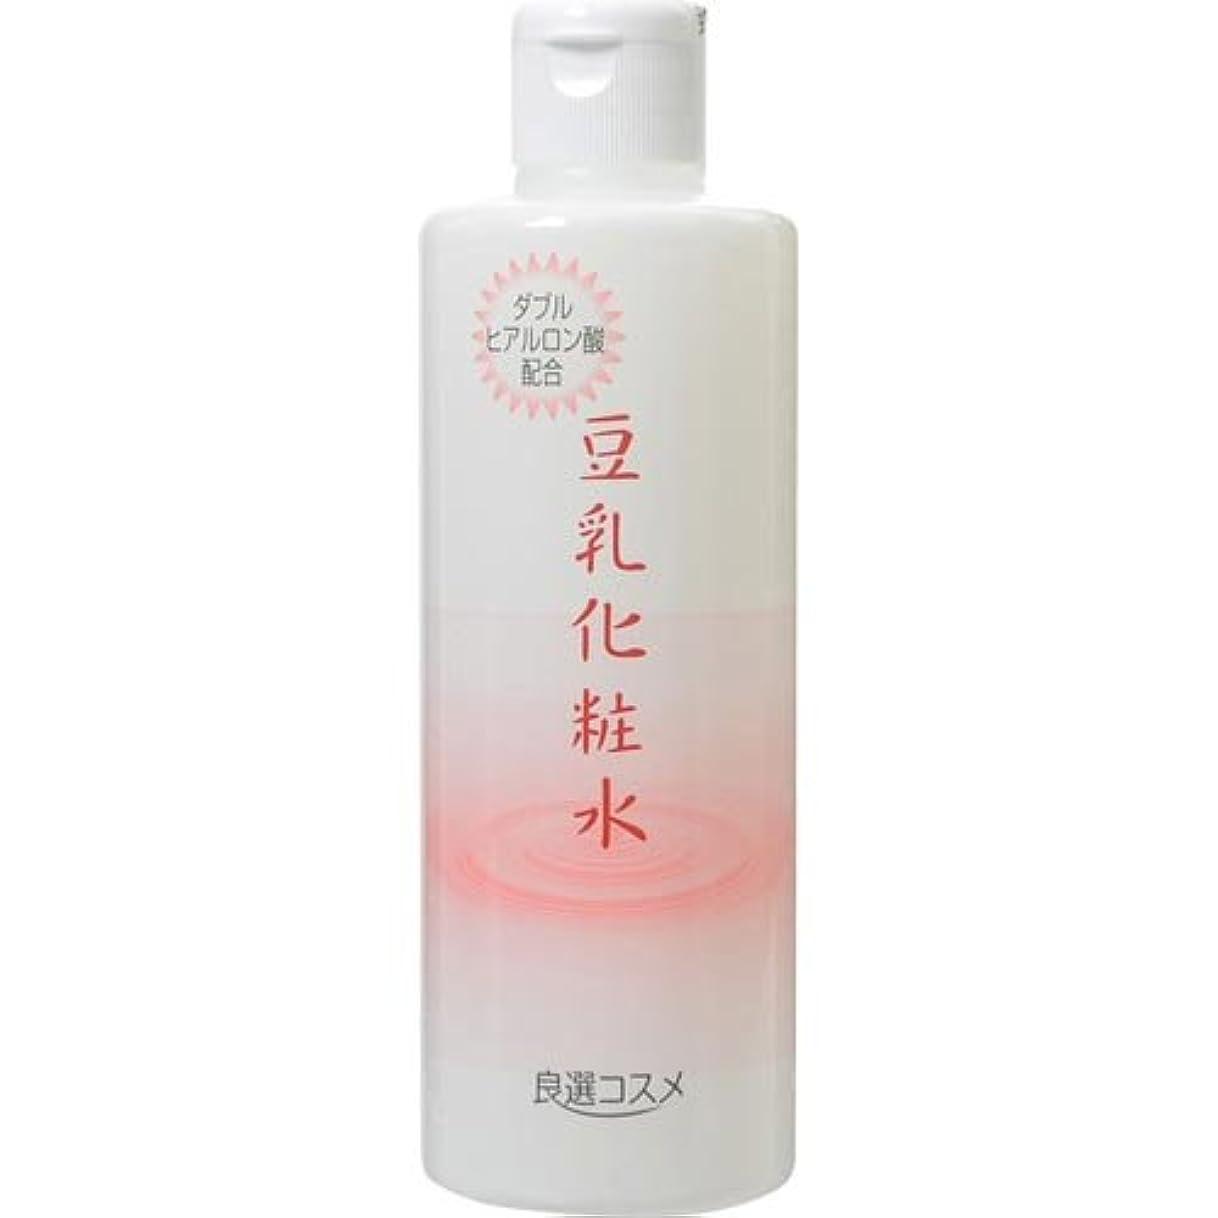 反応するフェリー調停する良選企画 豆乳化粧水 300ml